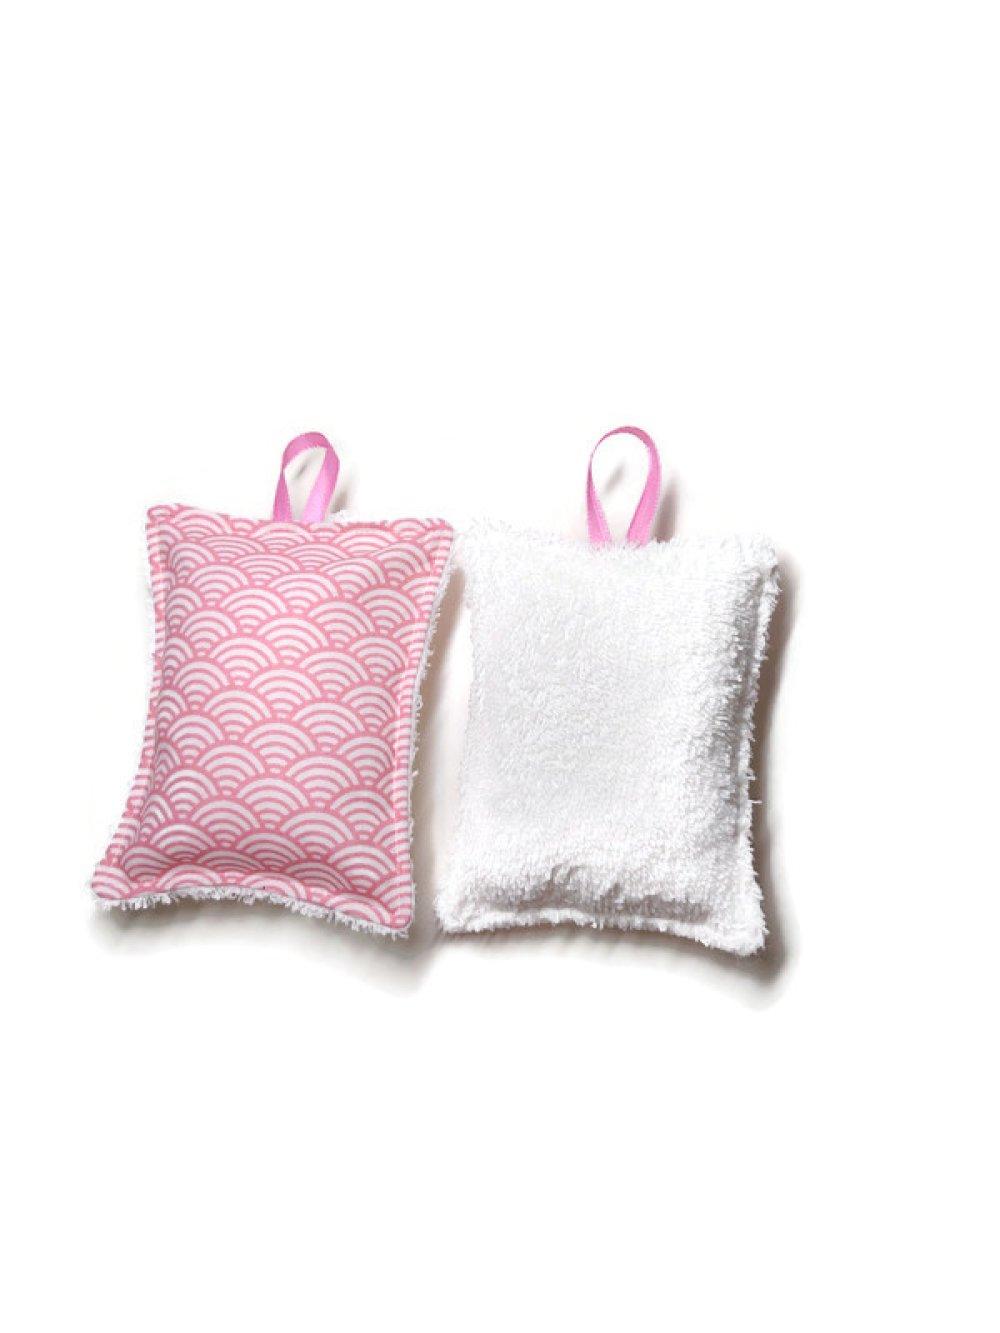 Éponges lavables X2. Version rose motifs vagueset éponge blanc